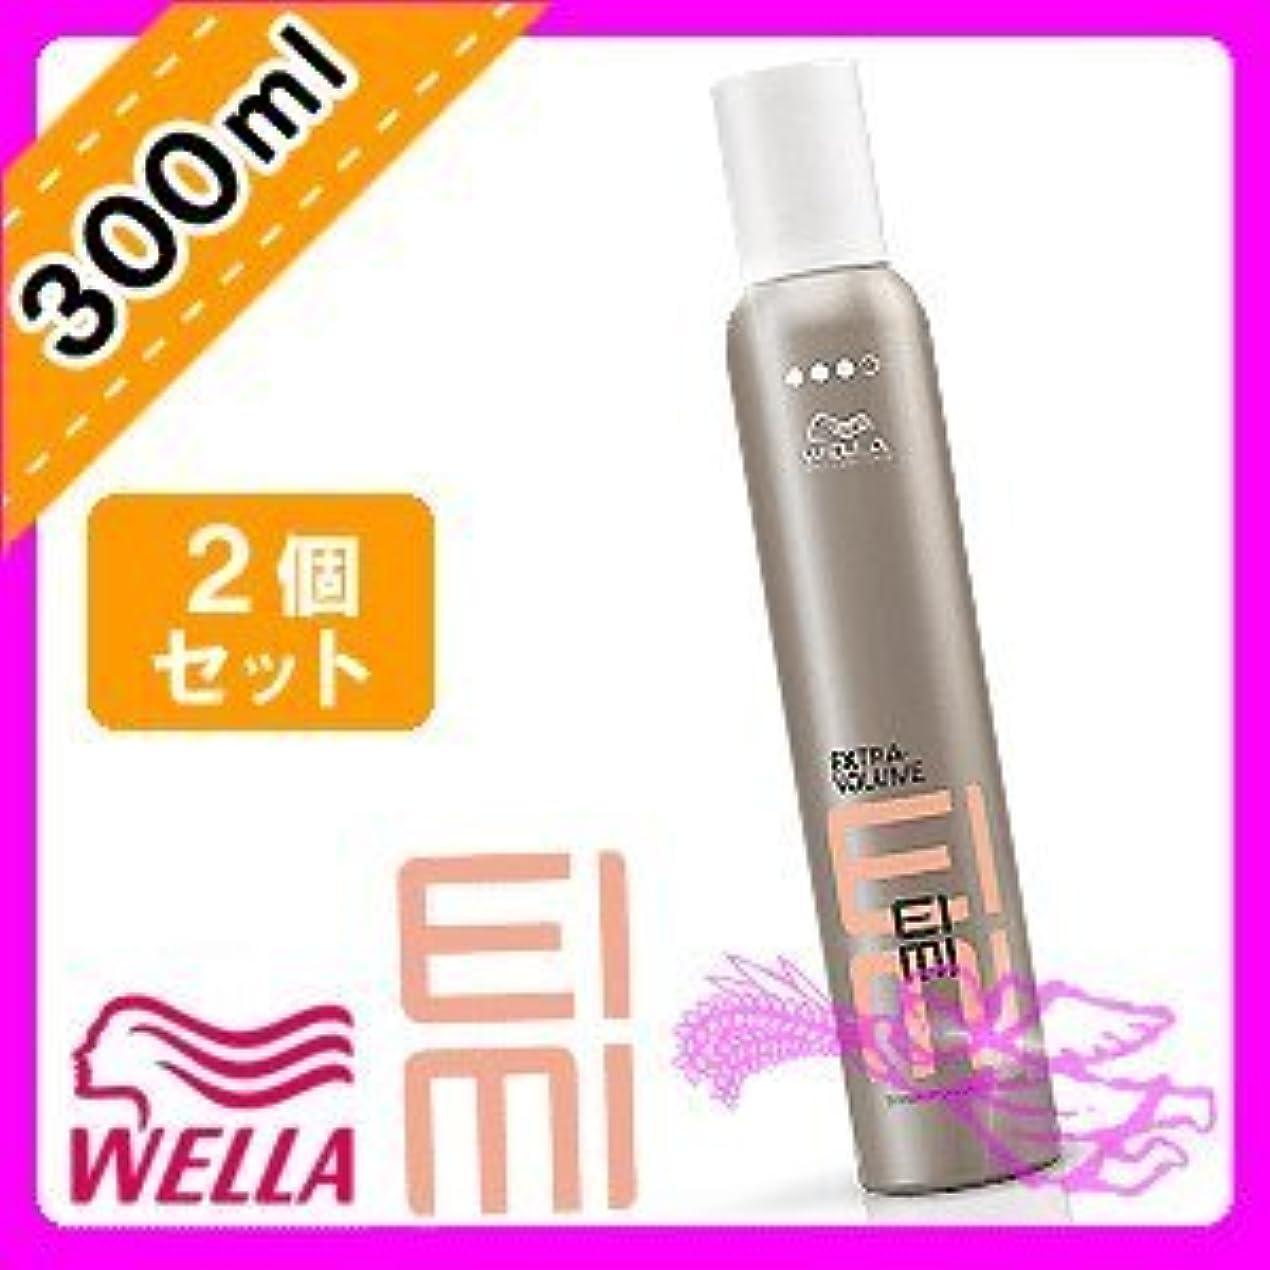 値する考慮有害ウエラ EIMI(アイミィ) エクストラボリュームムース 300ml ×2個 セット WELLA P&G